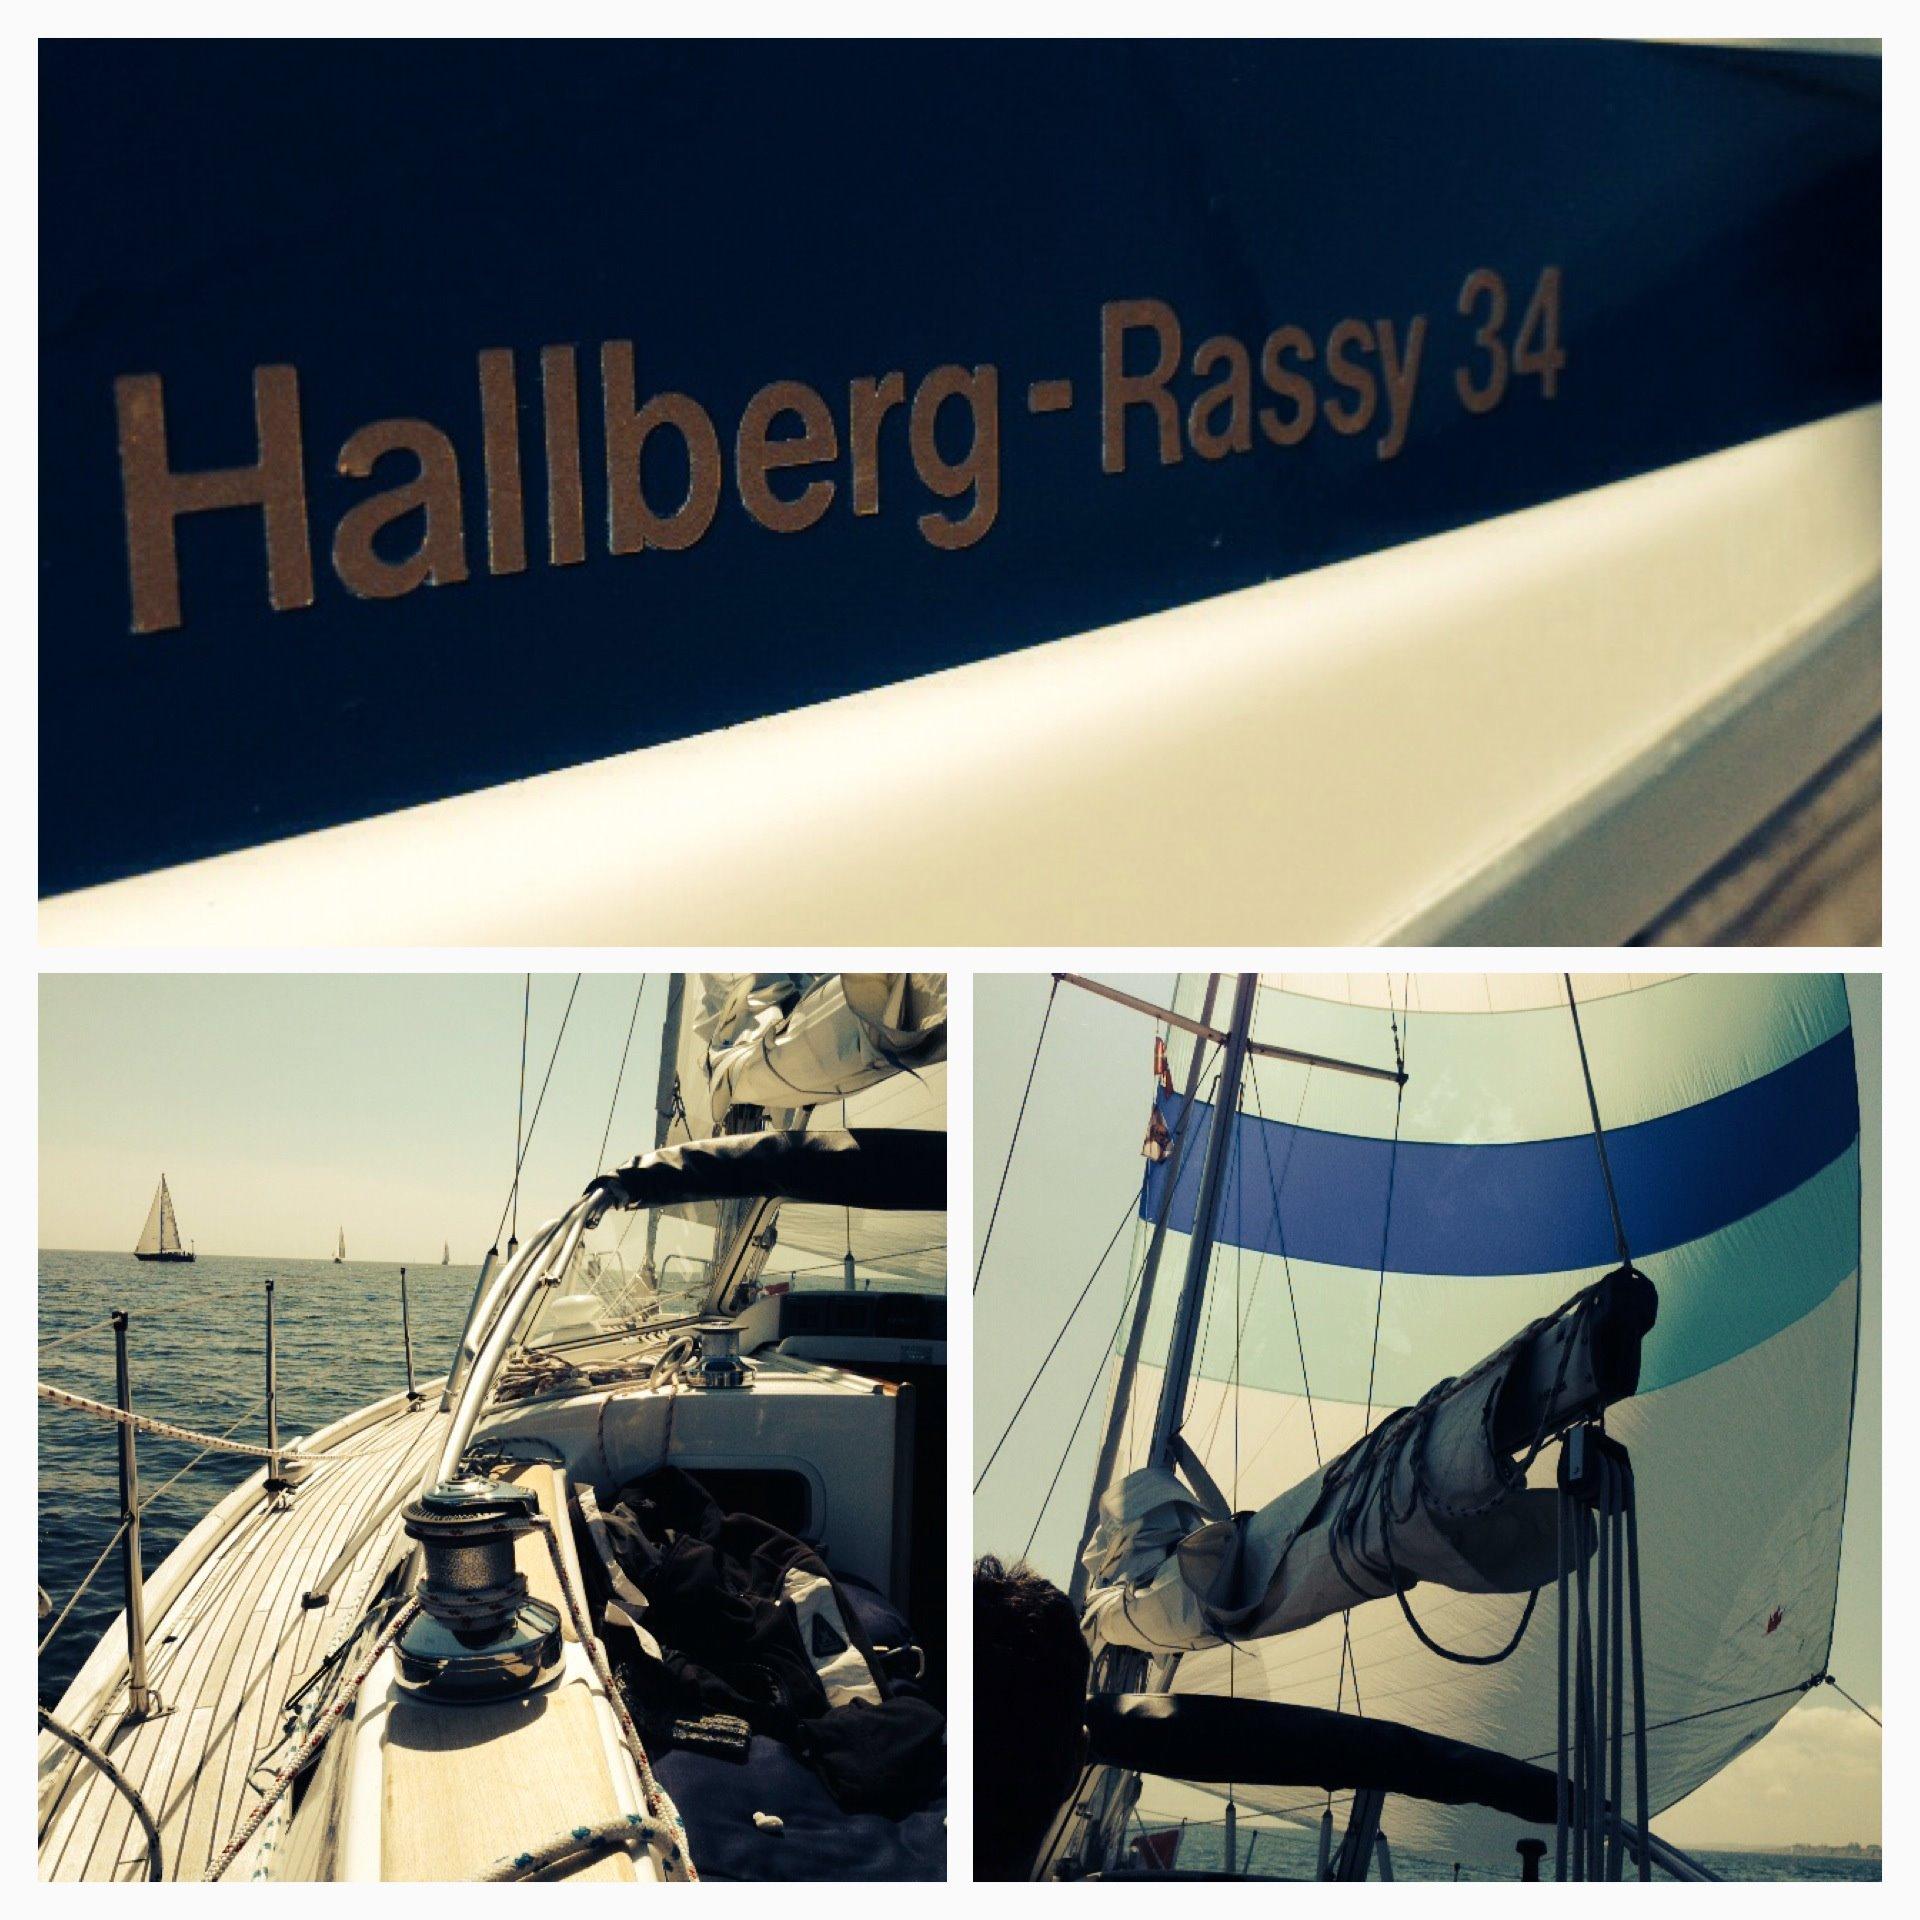 Hallberg-Rassy 34